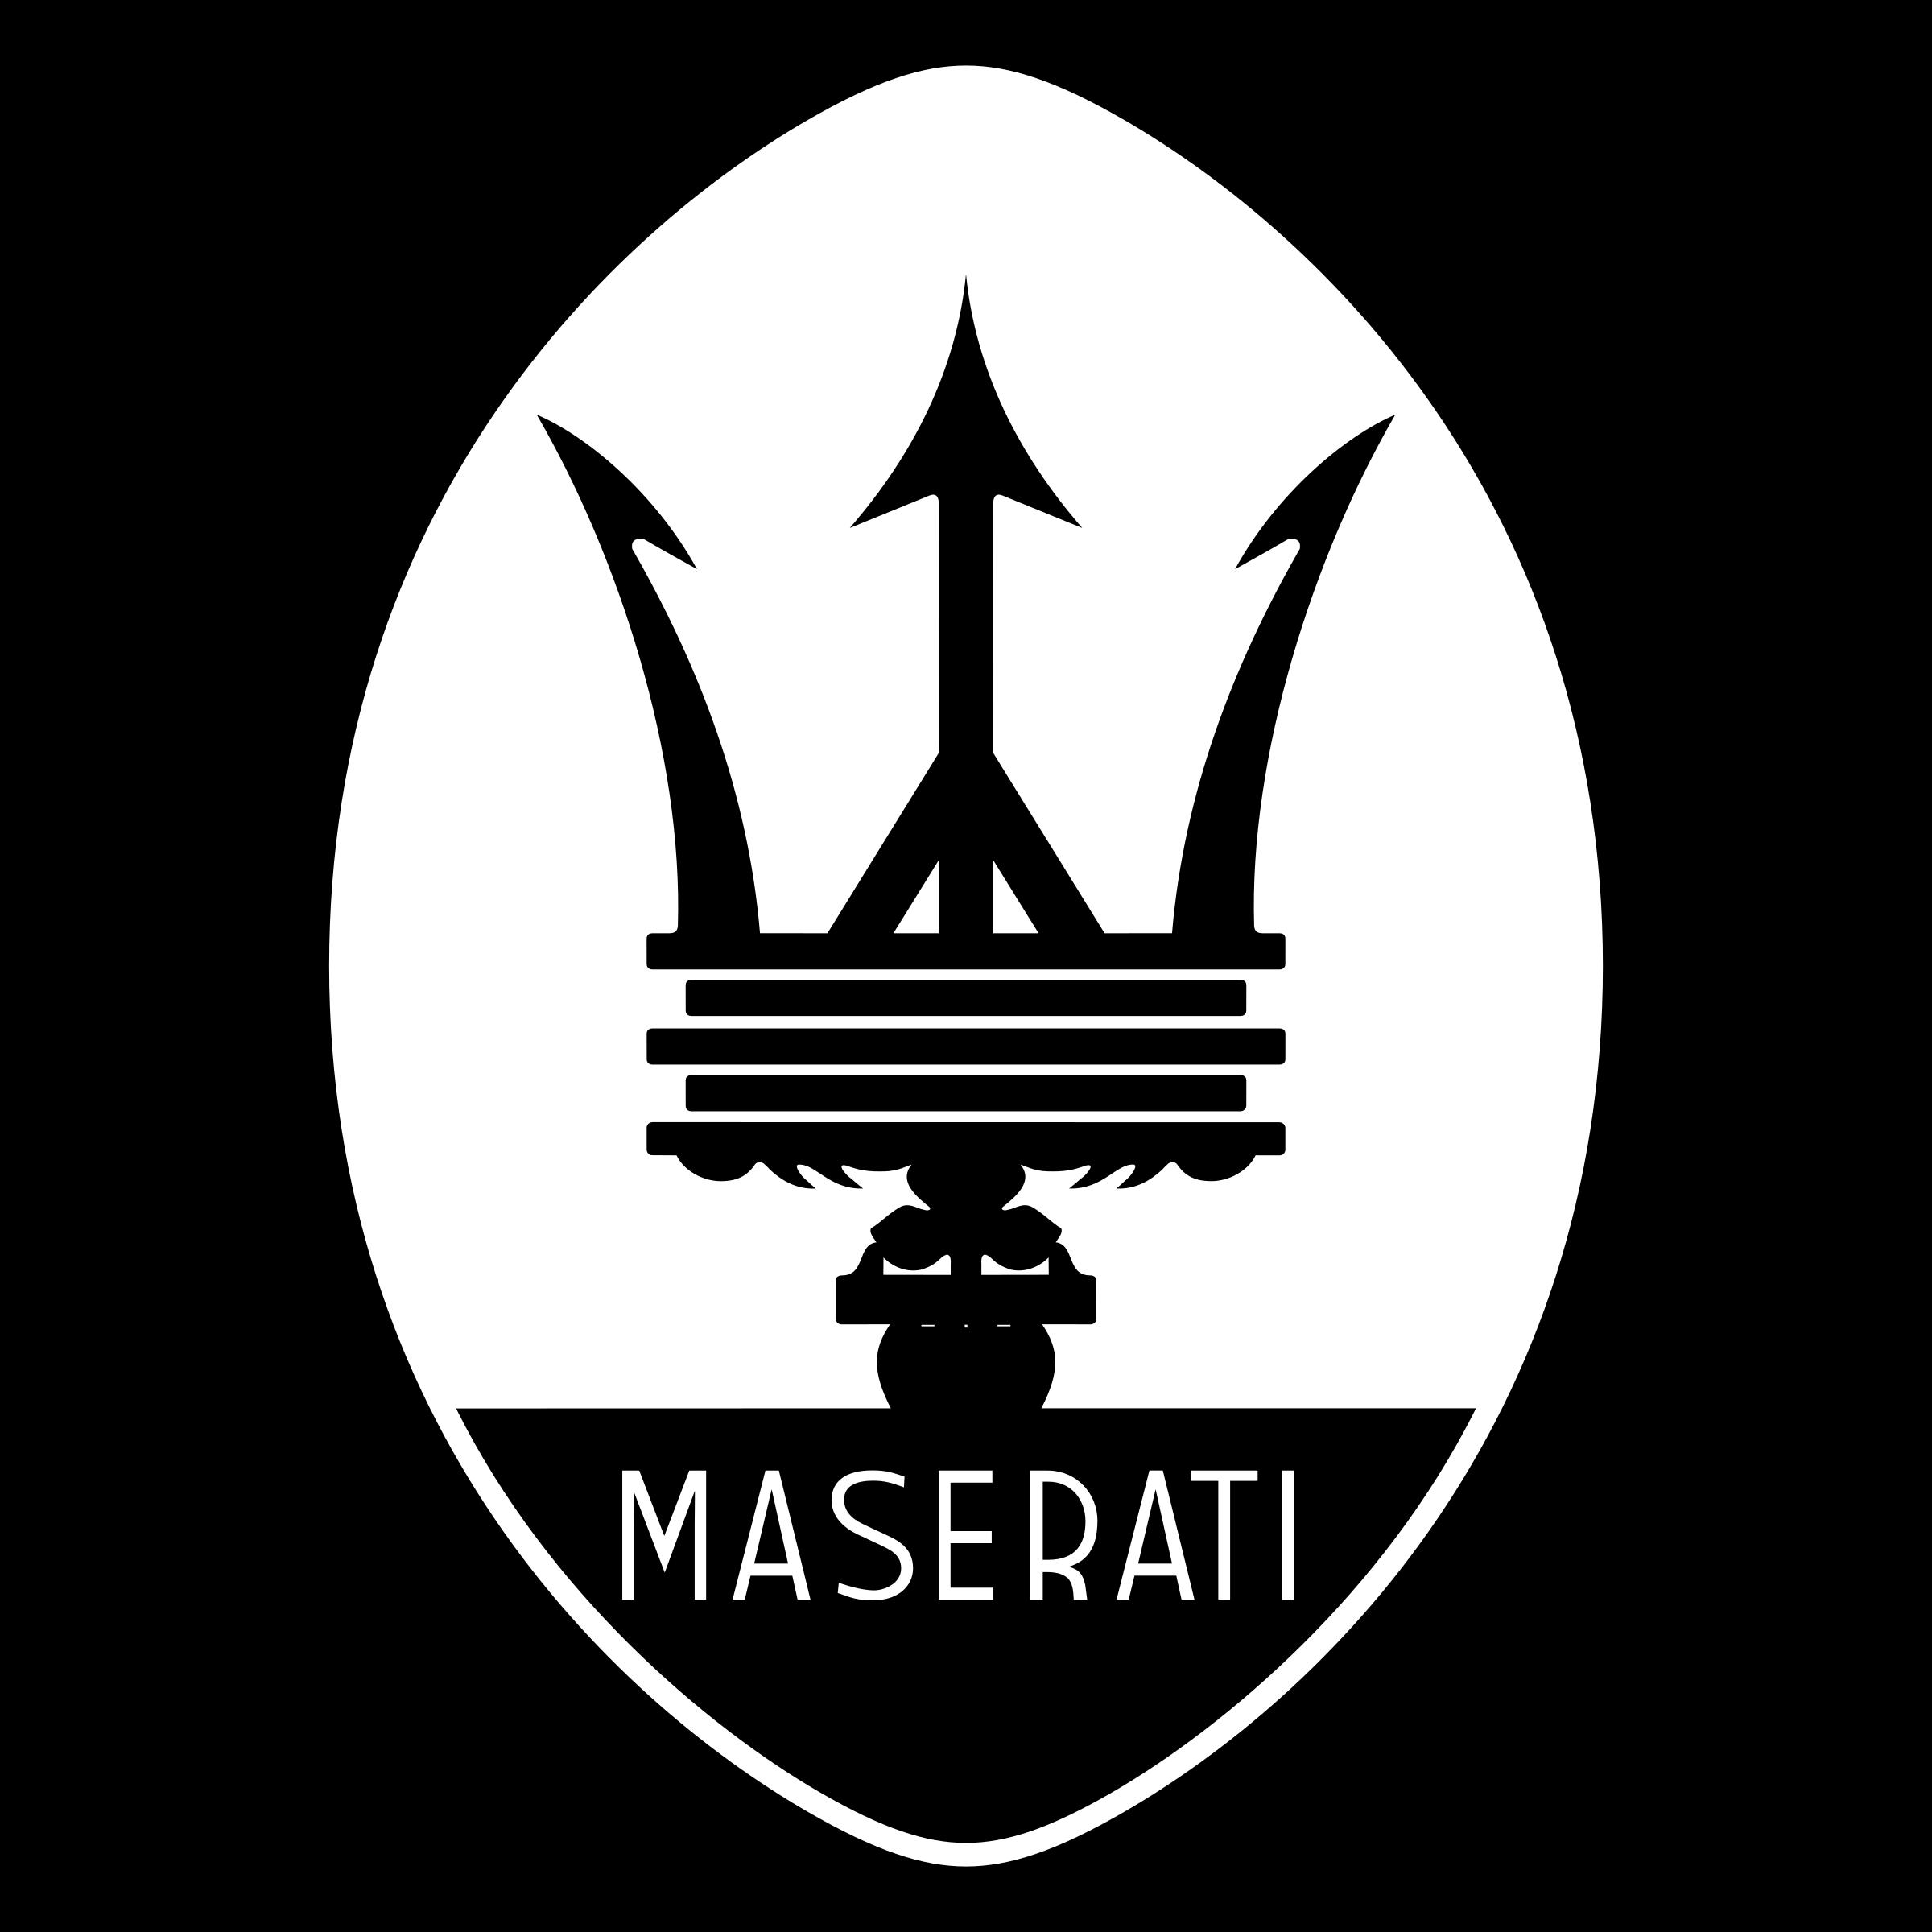 maserati-logo-png-transparent.png